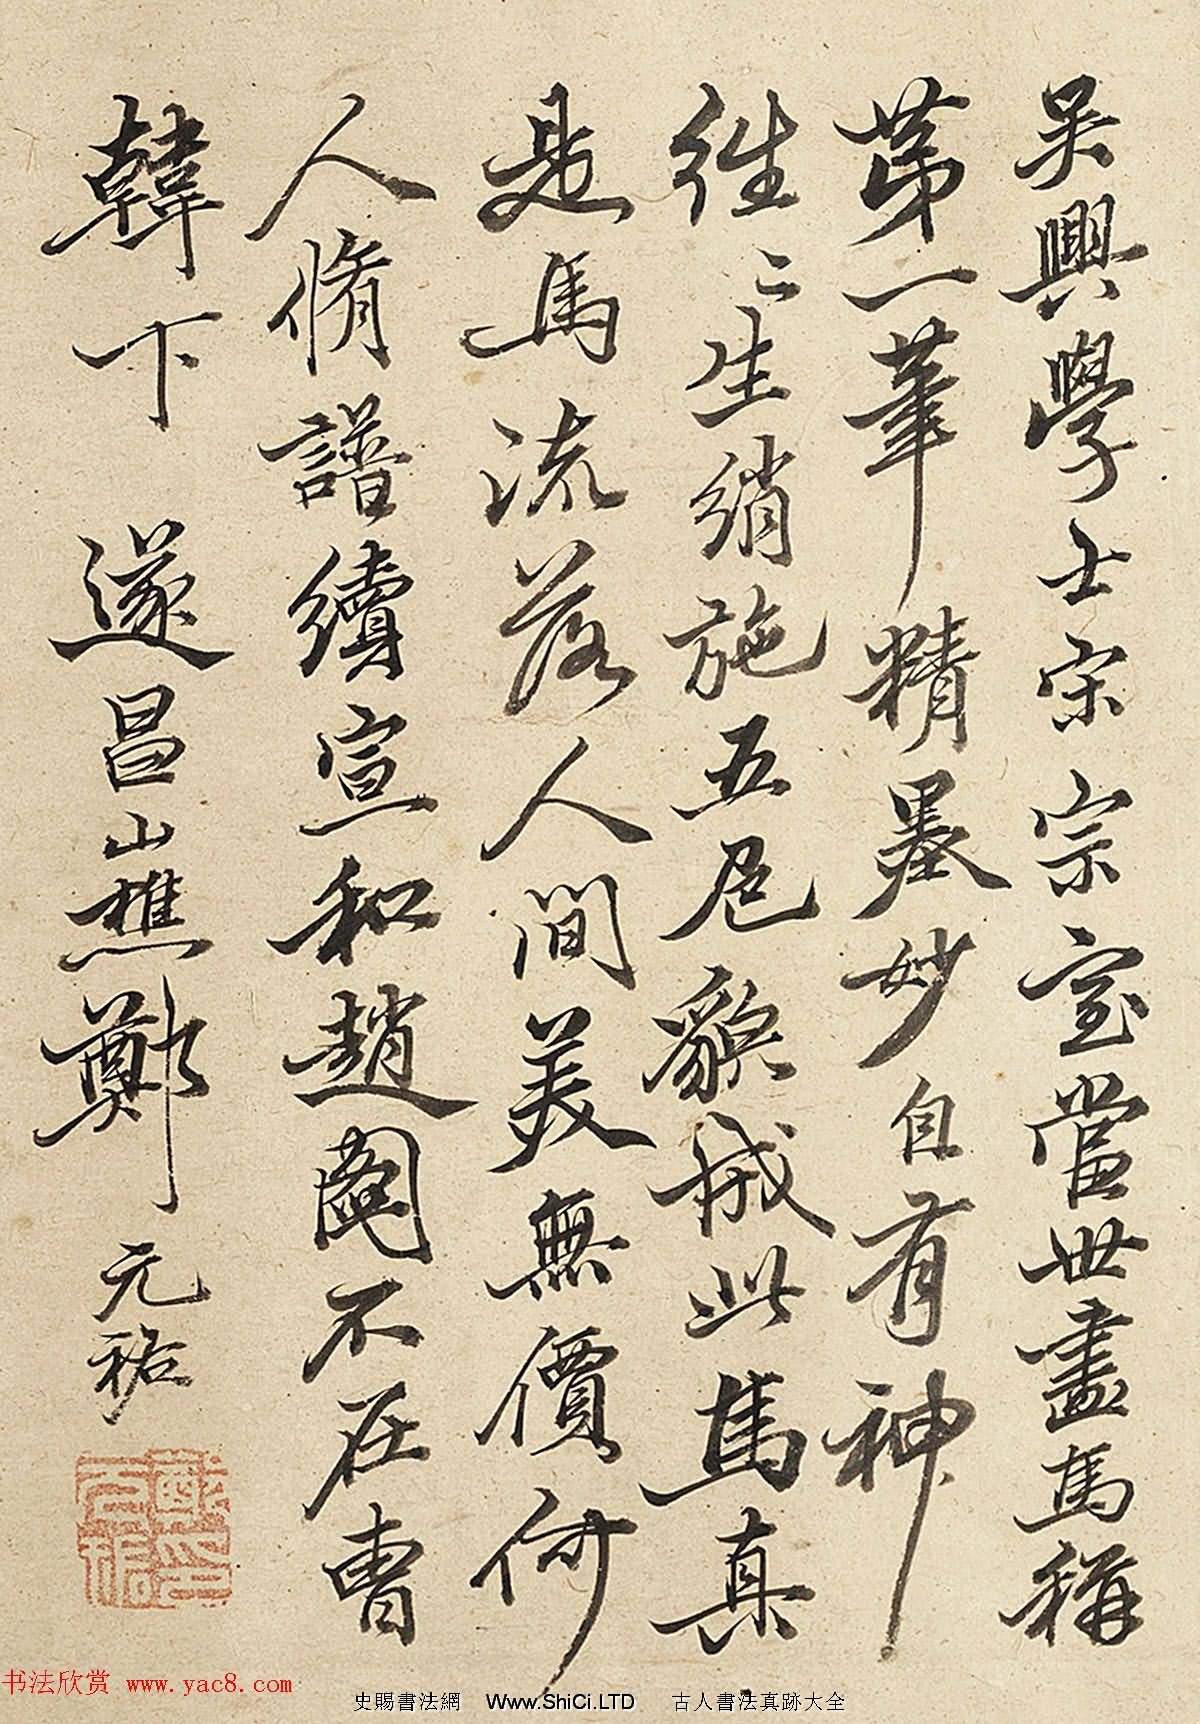 元代鄭元佑左手寫字題跋墨跡(共4張圖片)